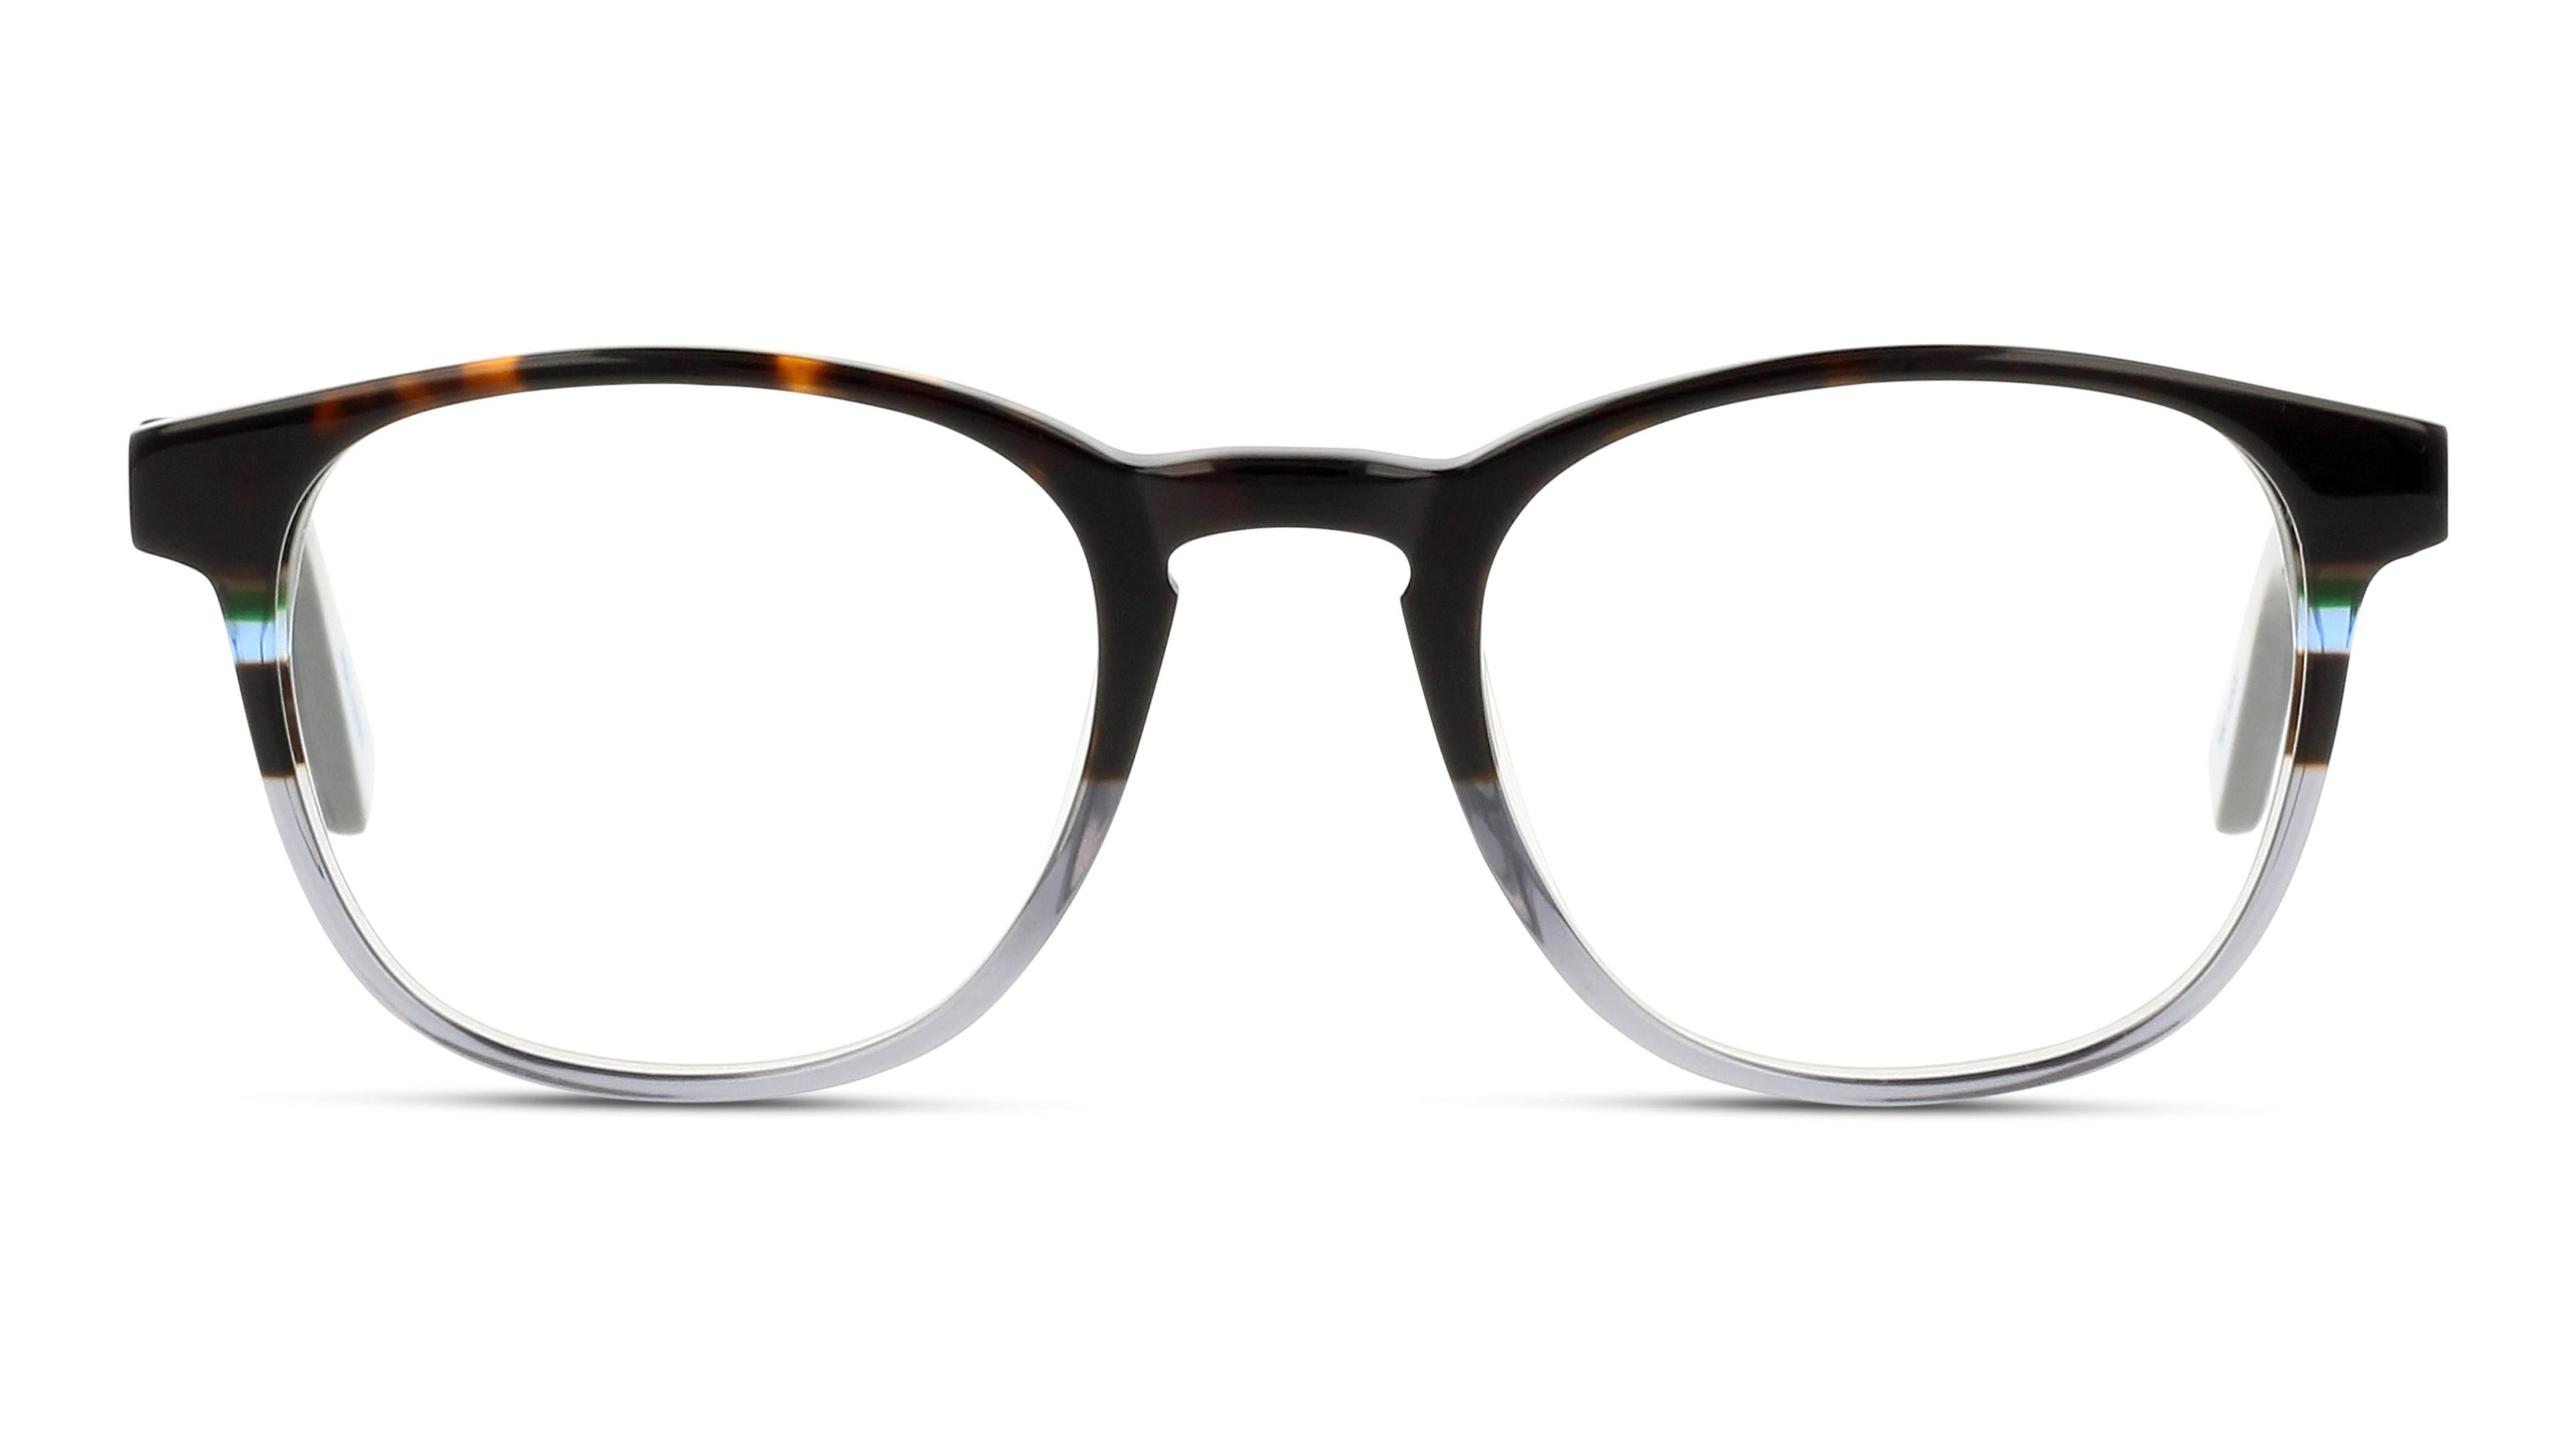 8719154585340-front-01-miki-ninn-mnkm03-eyewear-havana-navy-blue